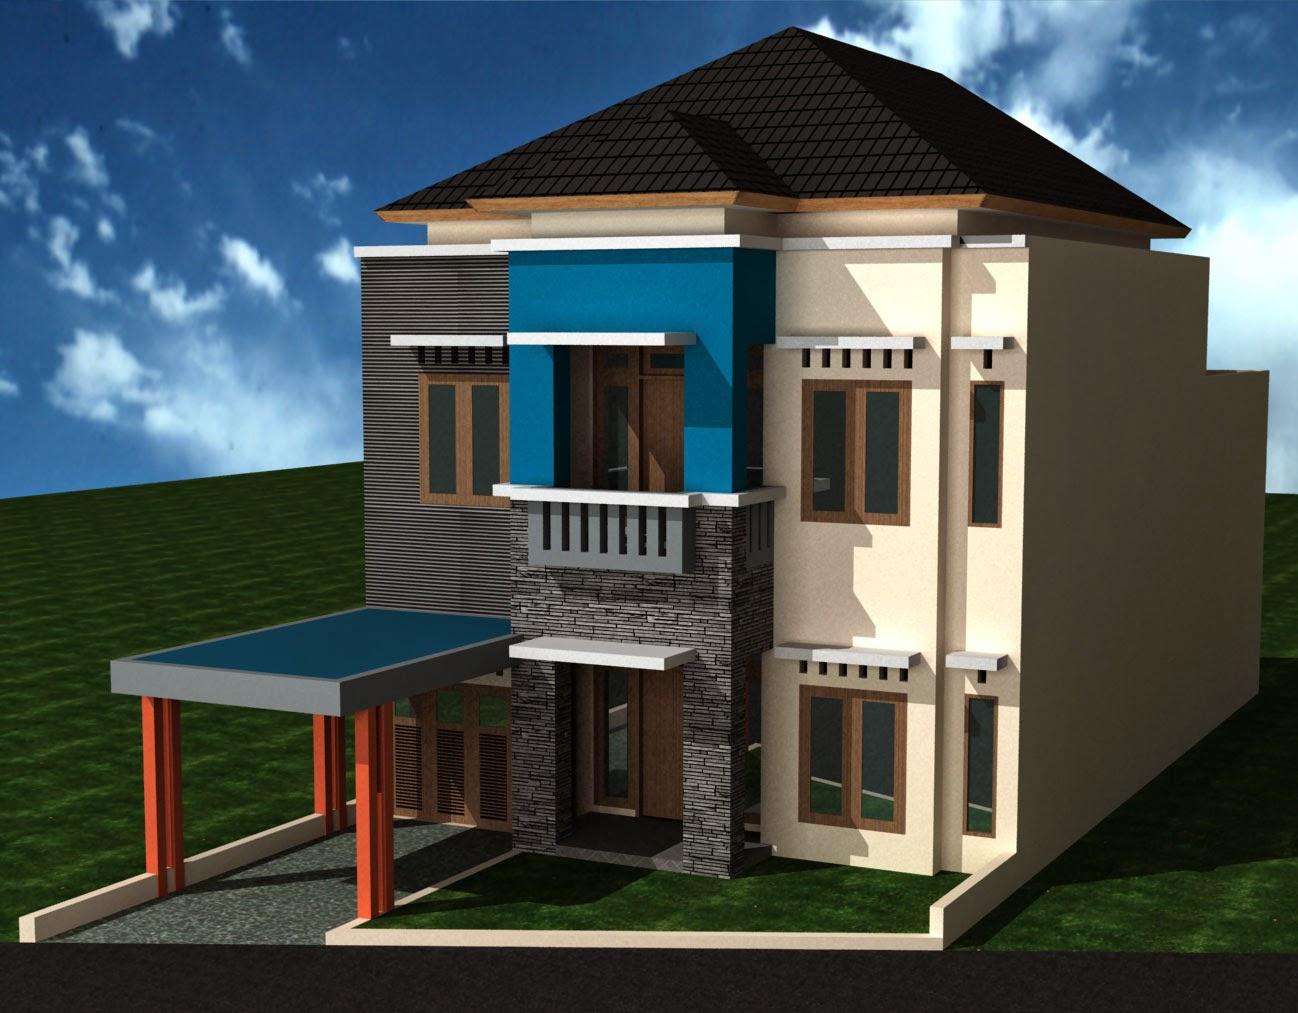 Desain Rumah Minimalis Modern Lengkap Gambar Desain